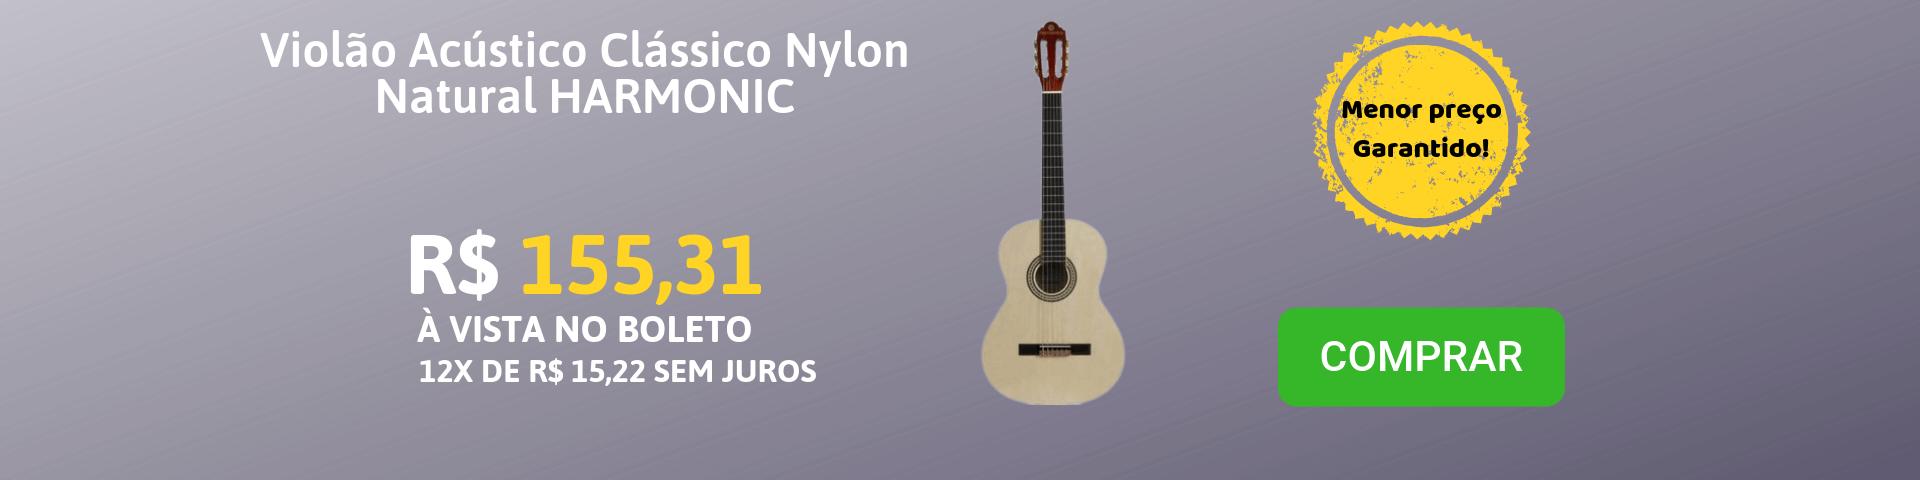 https://www.albania10.com.br/violao-acustico-classico-nylon-gna-111nt-natural-harmonic